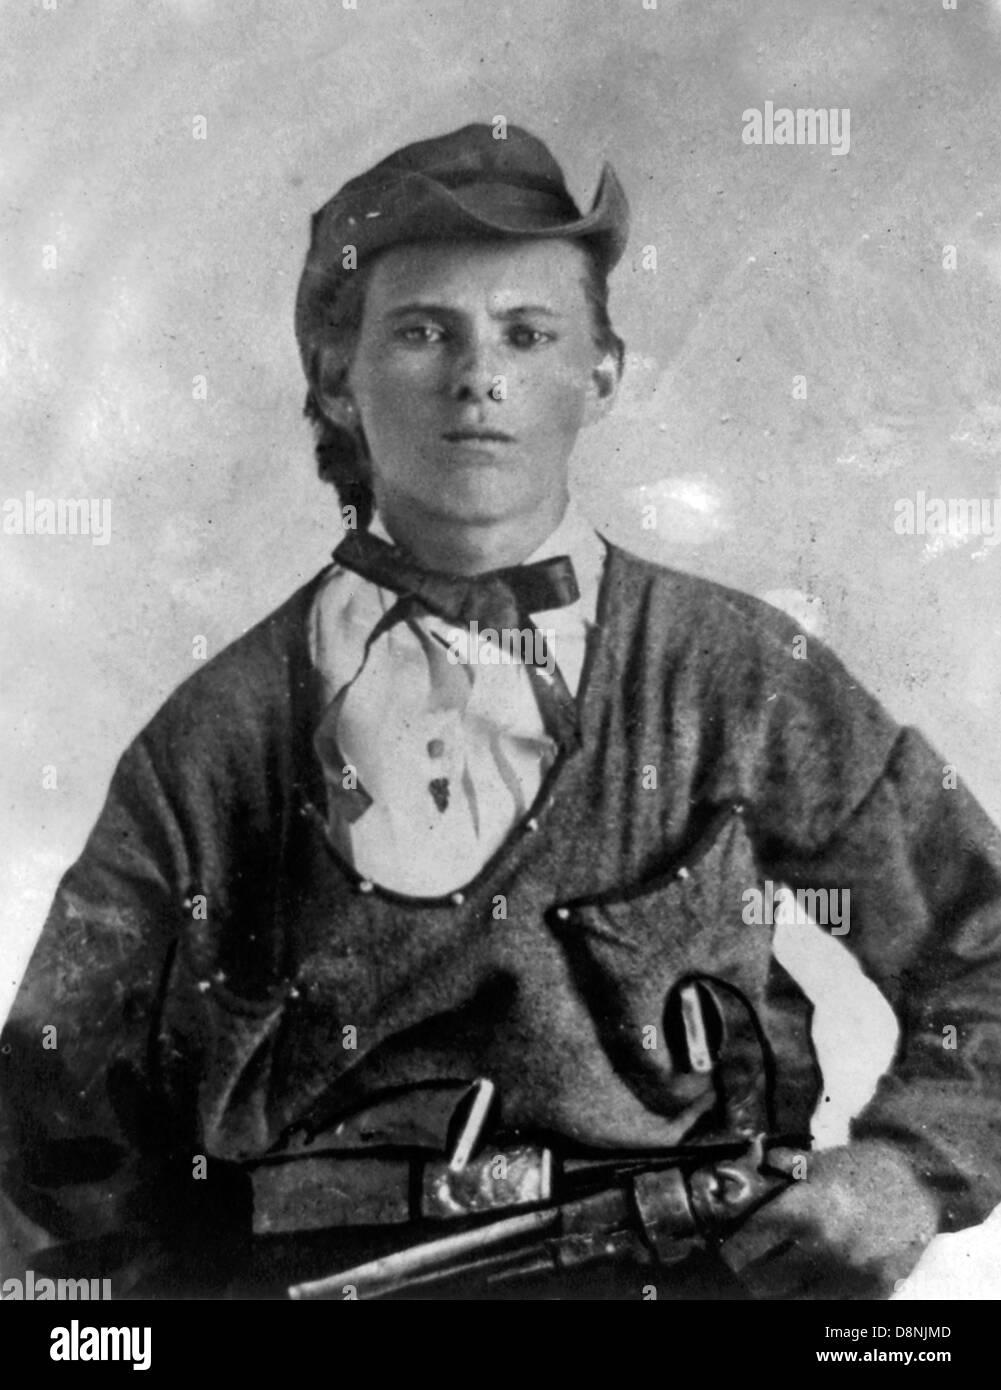 Jesse James comme un jeune homme Photo Stock